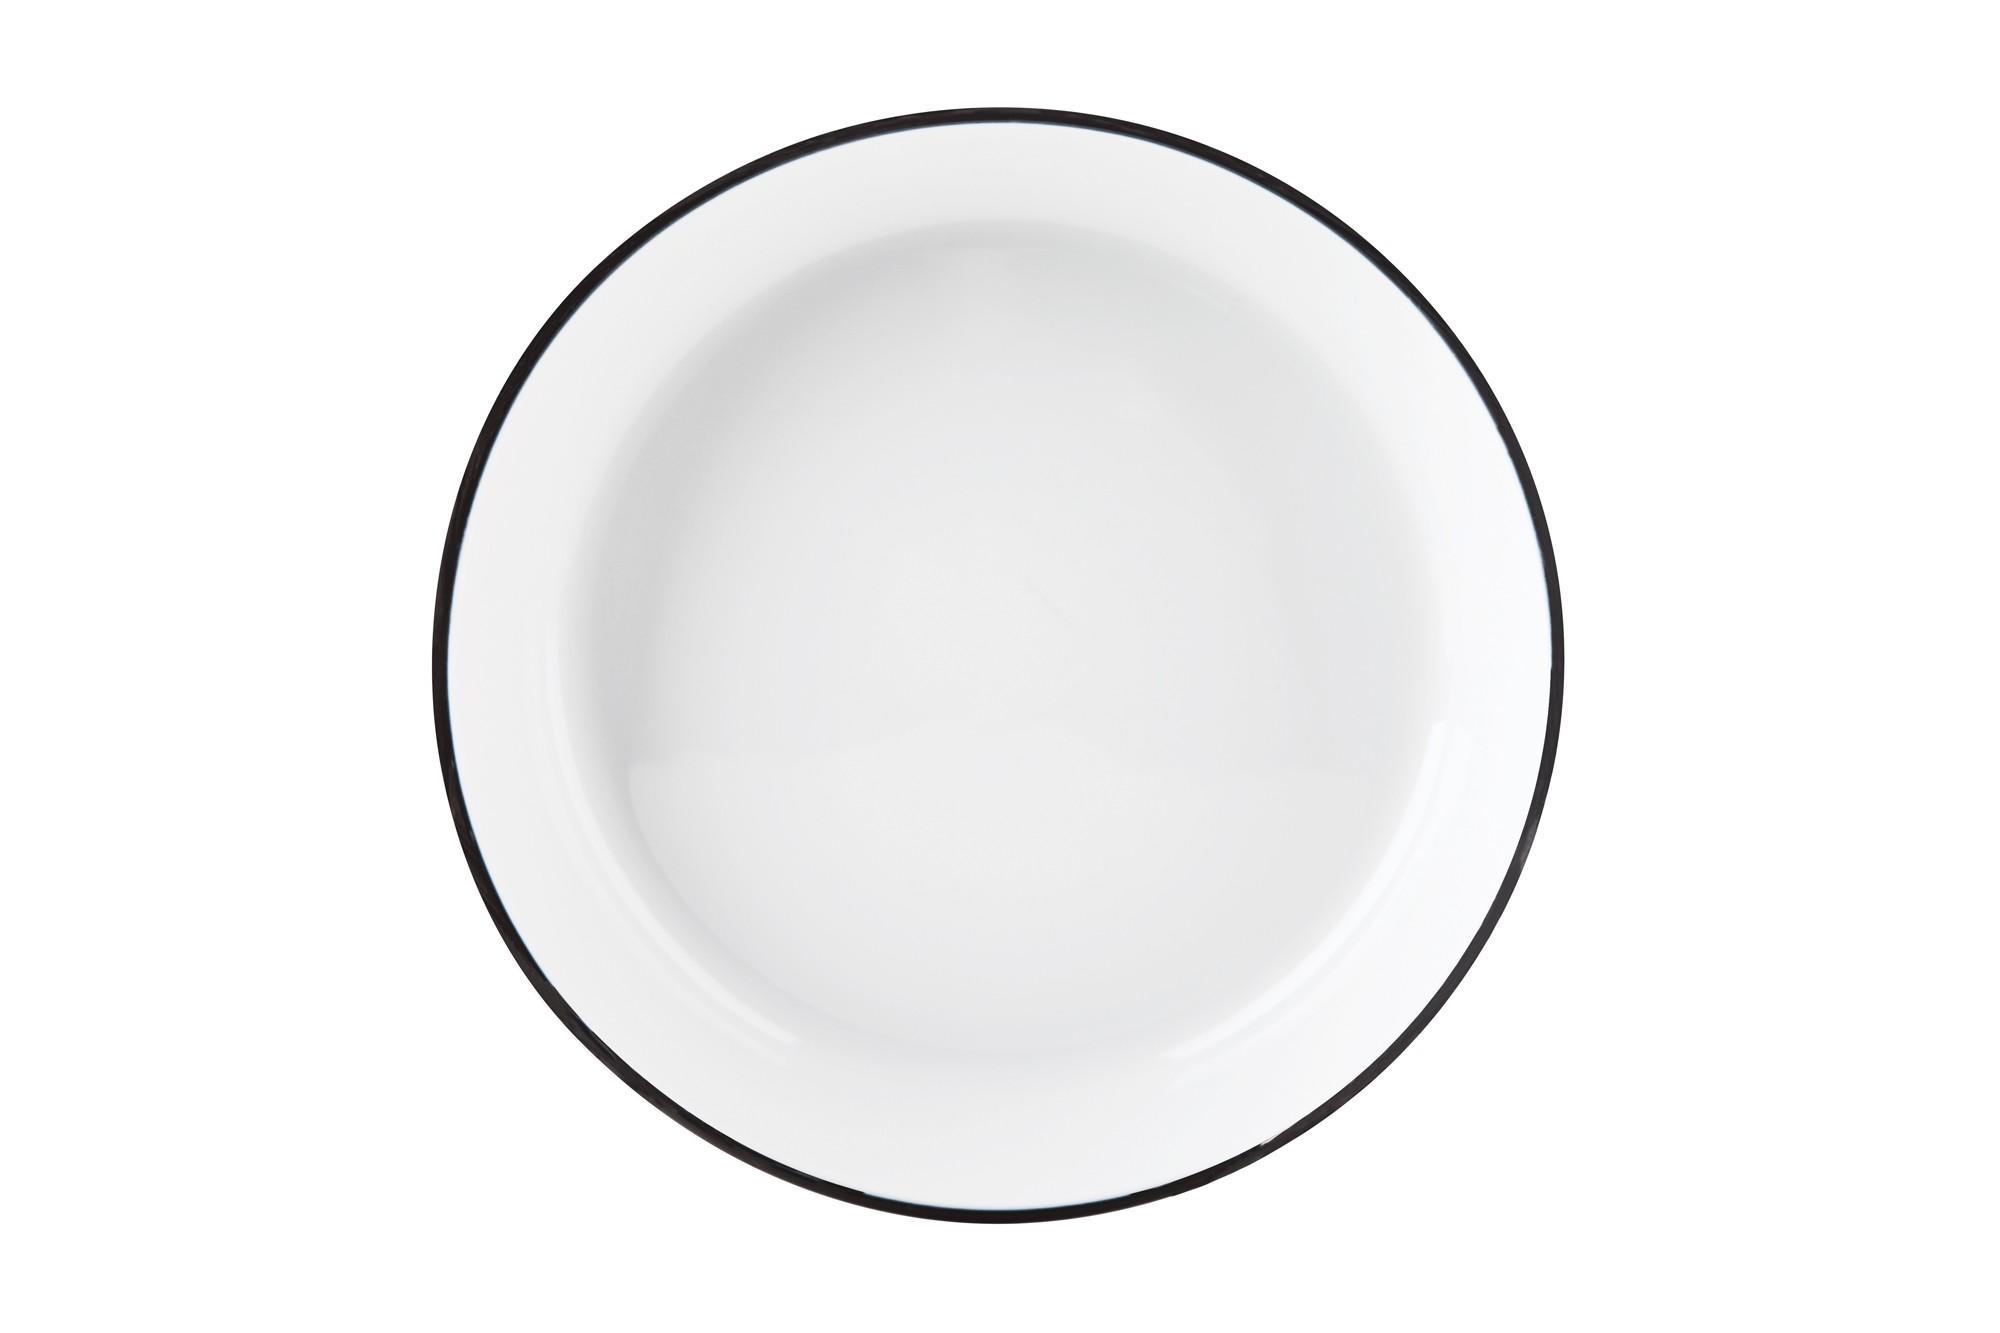 Πιάτο Βαθύ Σετ 6Τμχ Symetry Black 20cm Ionia home   ειδη σερβιρισματος   πιάτα